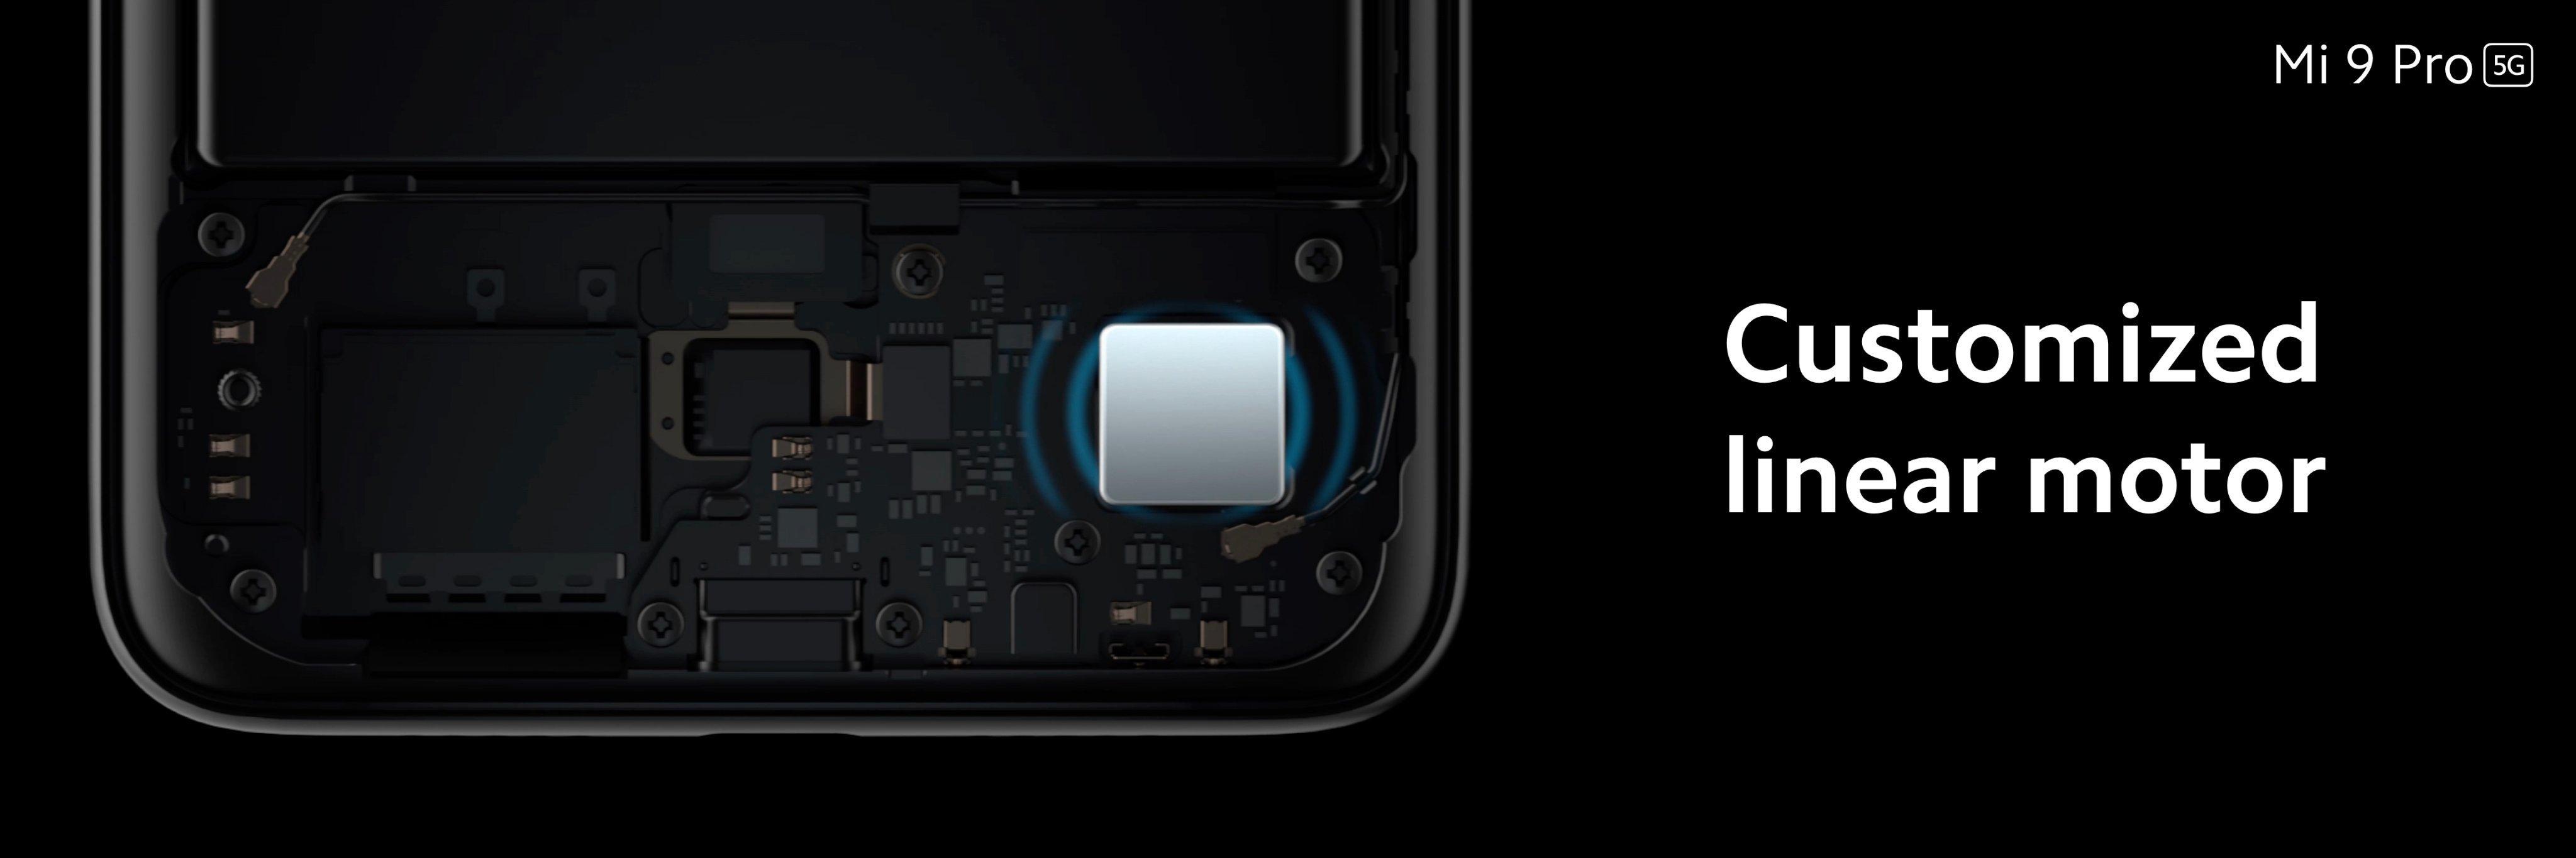 Nuevo Xiaomi Mi 9 Pro 5G, características y precio. Noticias Xiaomi Adictos